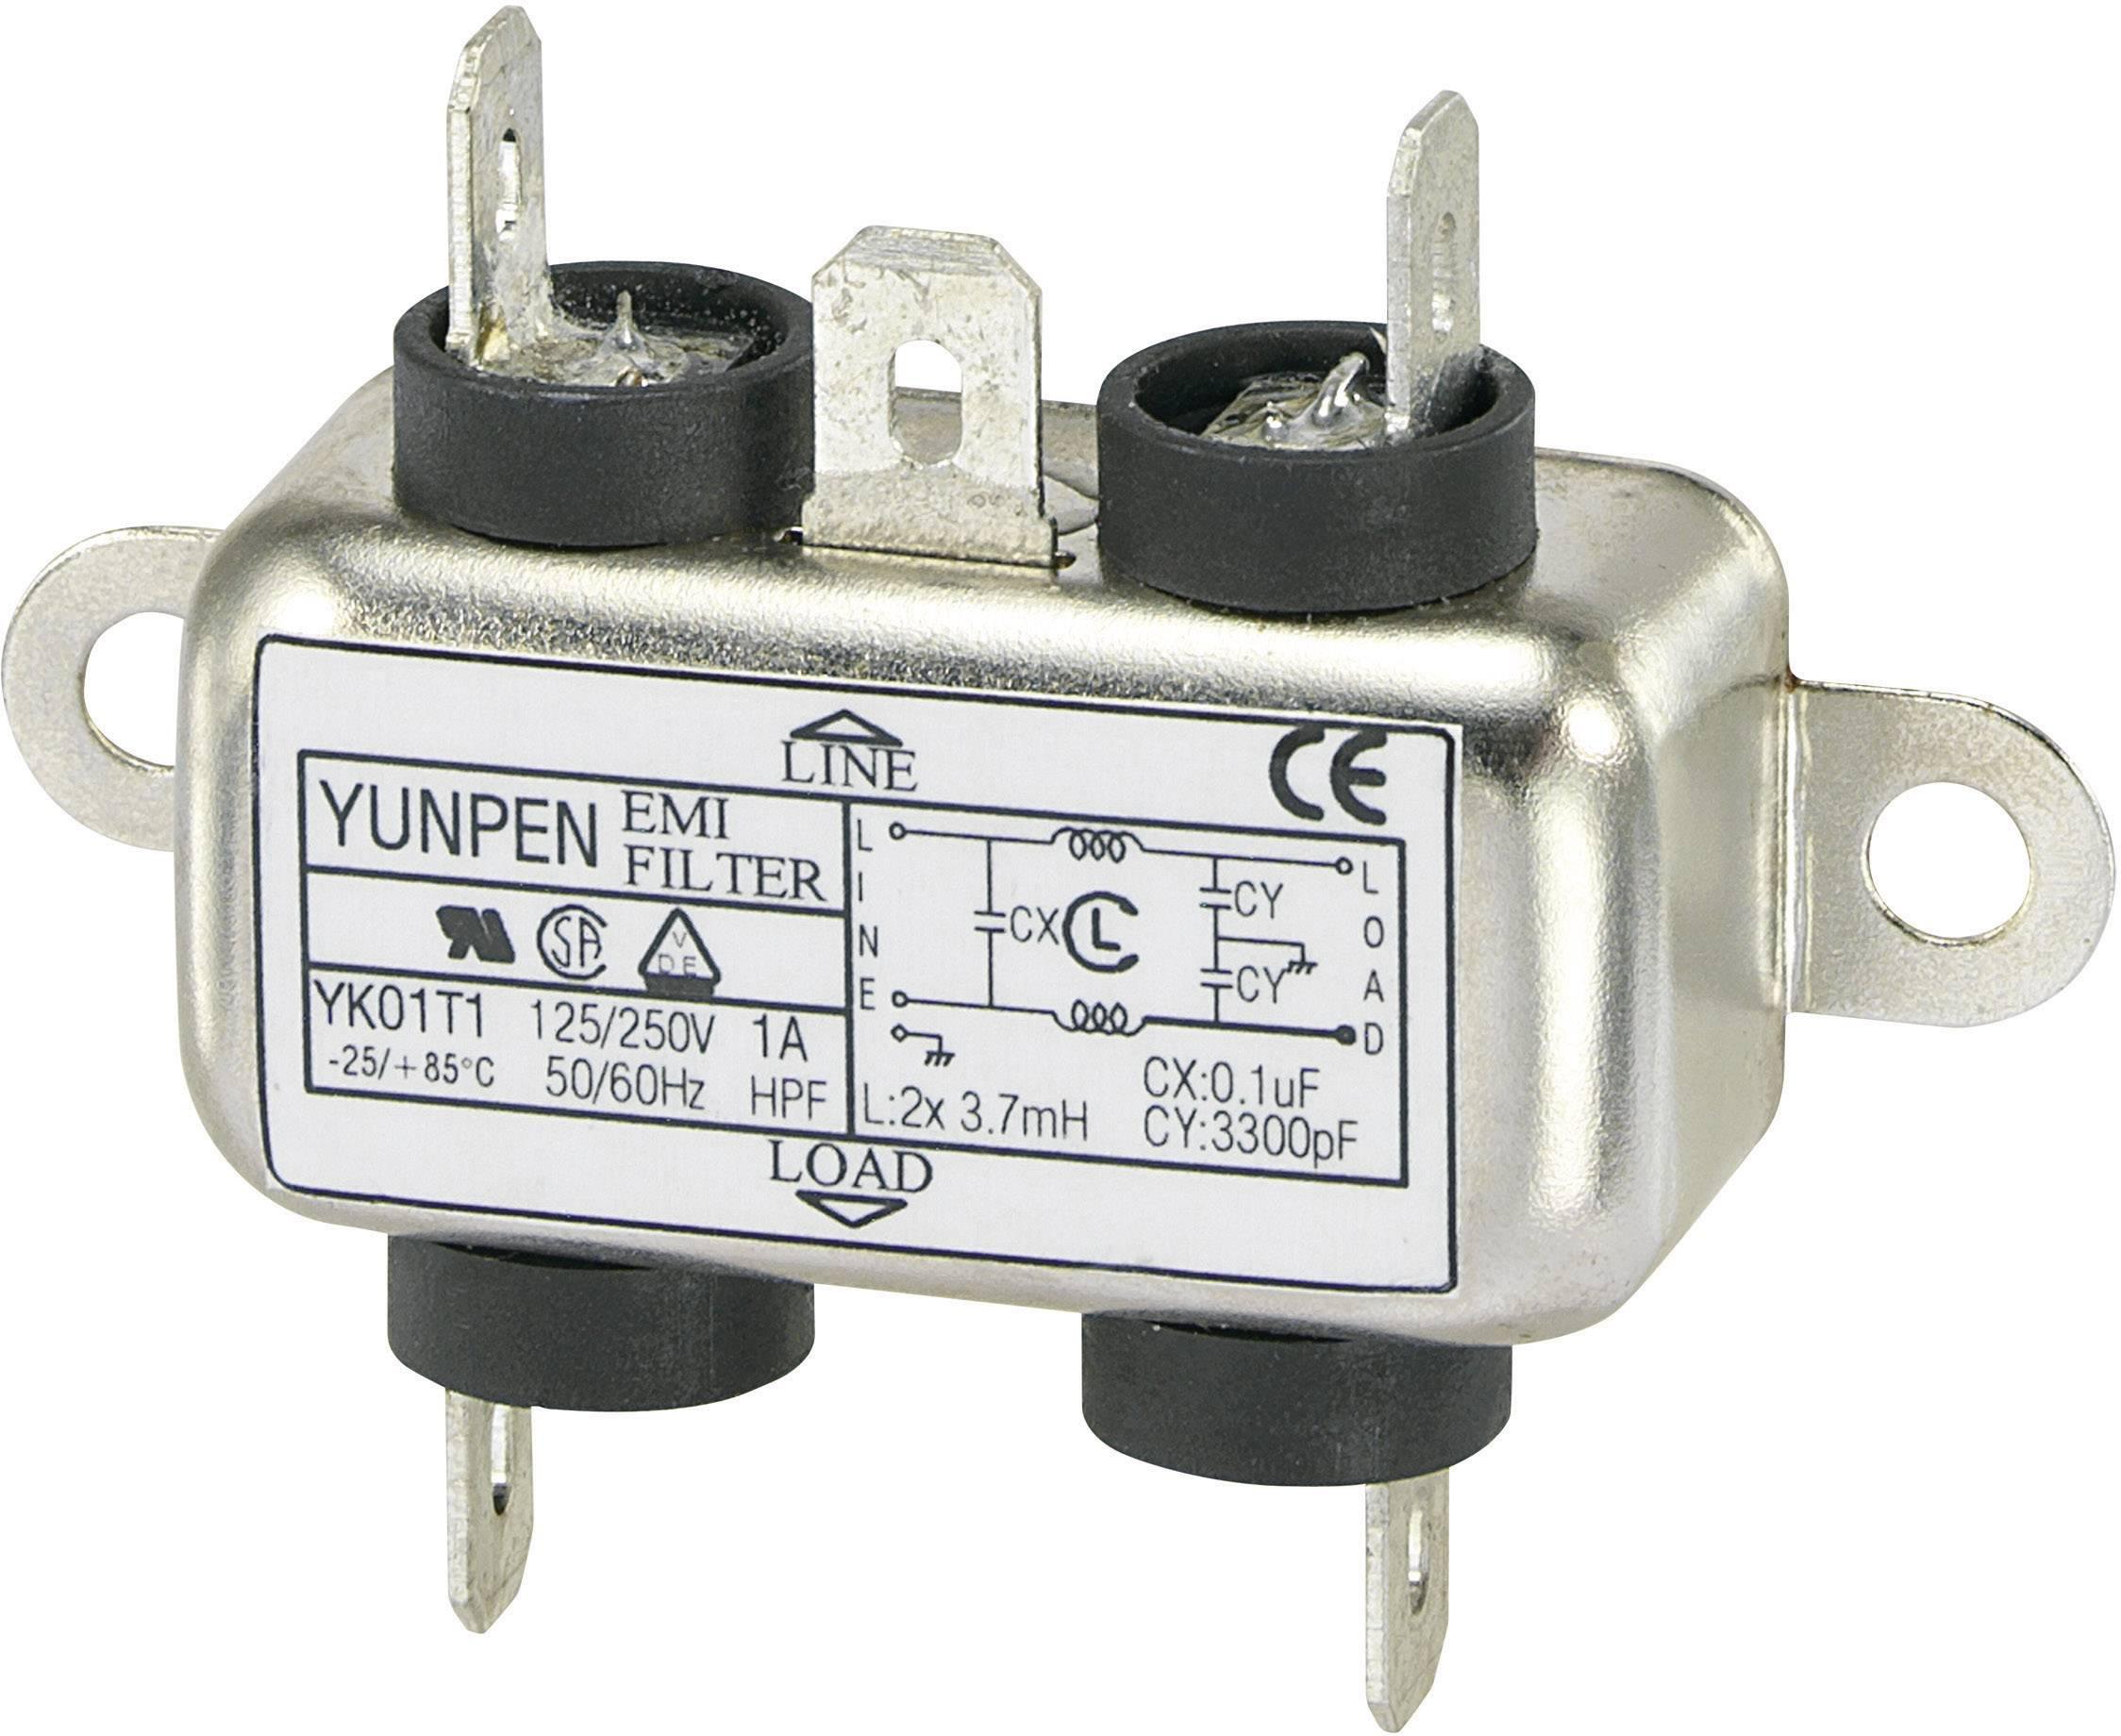 Odrušovací filter Yunpen YK01T1 530105, 250 V/AC, 1 A, 3.7 mH, (d x š x v) 44 x 48.7 x 18 mm, 1 ks